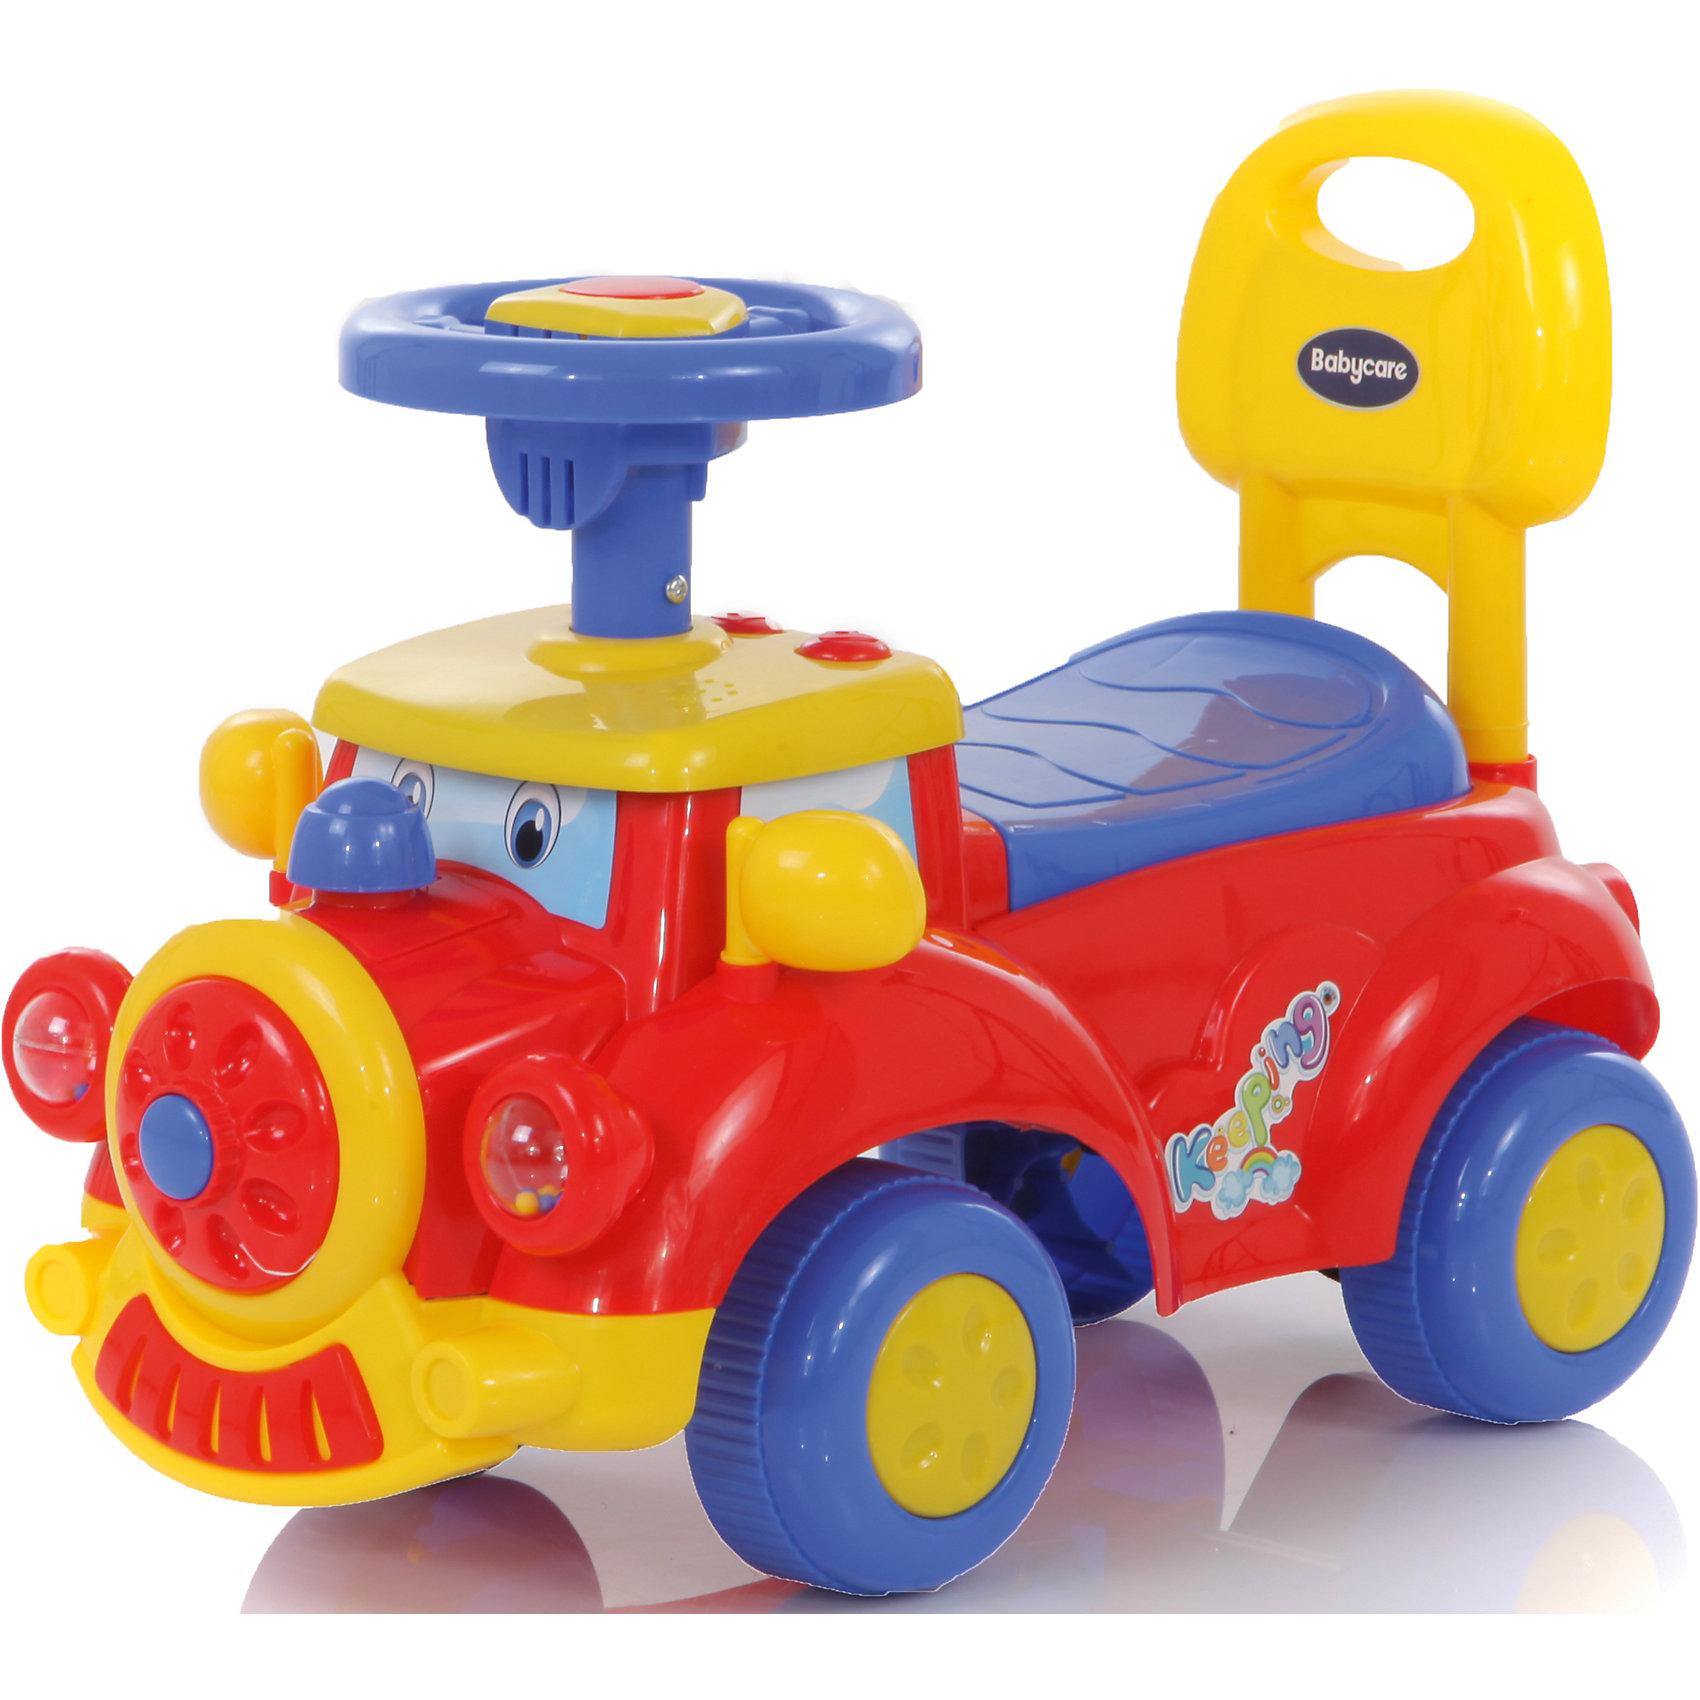 Каталка Keeping, красная,  Baby CareХарактеристики:<br><br>• пластиковая каталка легкая и маневренная;<br>• каталка оснащена высокой спинкой и удобным рулем;<br>• поворот руля поворачивает передние колеса каталки;<br>• музыкальное сопровождение, длительность песенки около 1 минуты;<br>• сиденье поднимается, под сиденьем имеется багажник-углубление для игрушек;<br>• колеса пластиковые, гладкие;<br>• допустимый вес ребенка: до 20 кг;<br>• диаметр колес: 12 см;<br>• диаметр руля: 13 см;<br>• размер каталки: длина 45 см, ширина 20 см;<br>• вес каталки: 1,5 кг;<br>• размер упаковки: 53х24х26 см.<br><br>Детская каталка для малышей пригодится на улице во время подвижных игр, поможет компактно сложить игрушки в «багажник», научить малыша координировать свои движения. <br><br>Каталку Keeping, красную, Baby Care можно купить в нашем интернет-магазине.<br><br>Ширина мм: 530<br>Глубина мм: 280<br>Высота мм: 380<br>Вес г: 1500<br>Возраст от месяцев: 12<br>Возраст до месяцев: 60<br>Пол: Унисекс<br>Возраст: Детский<br>SKU: 3992533